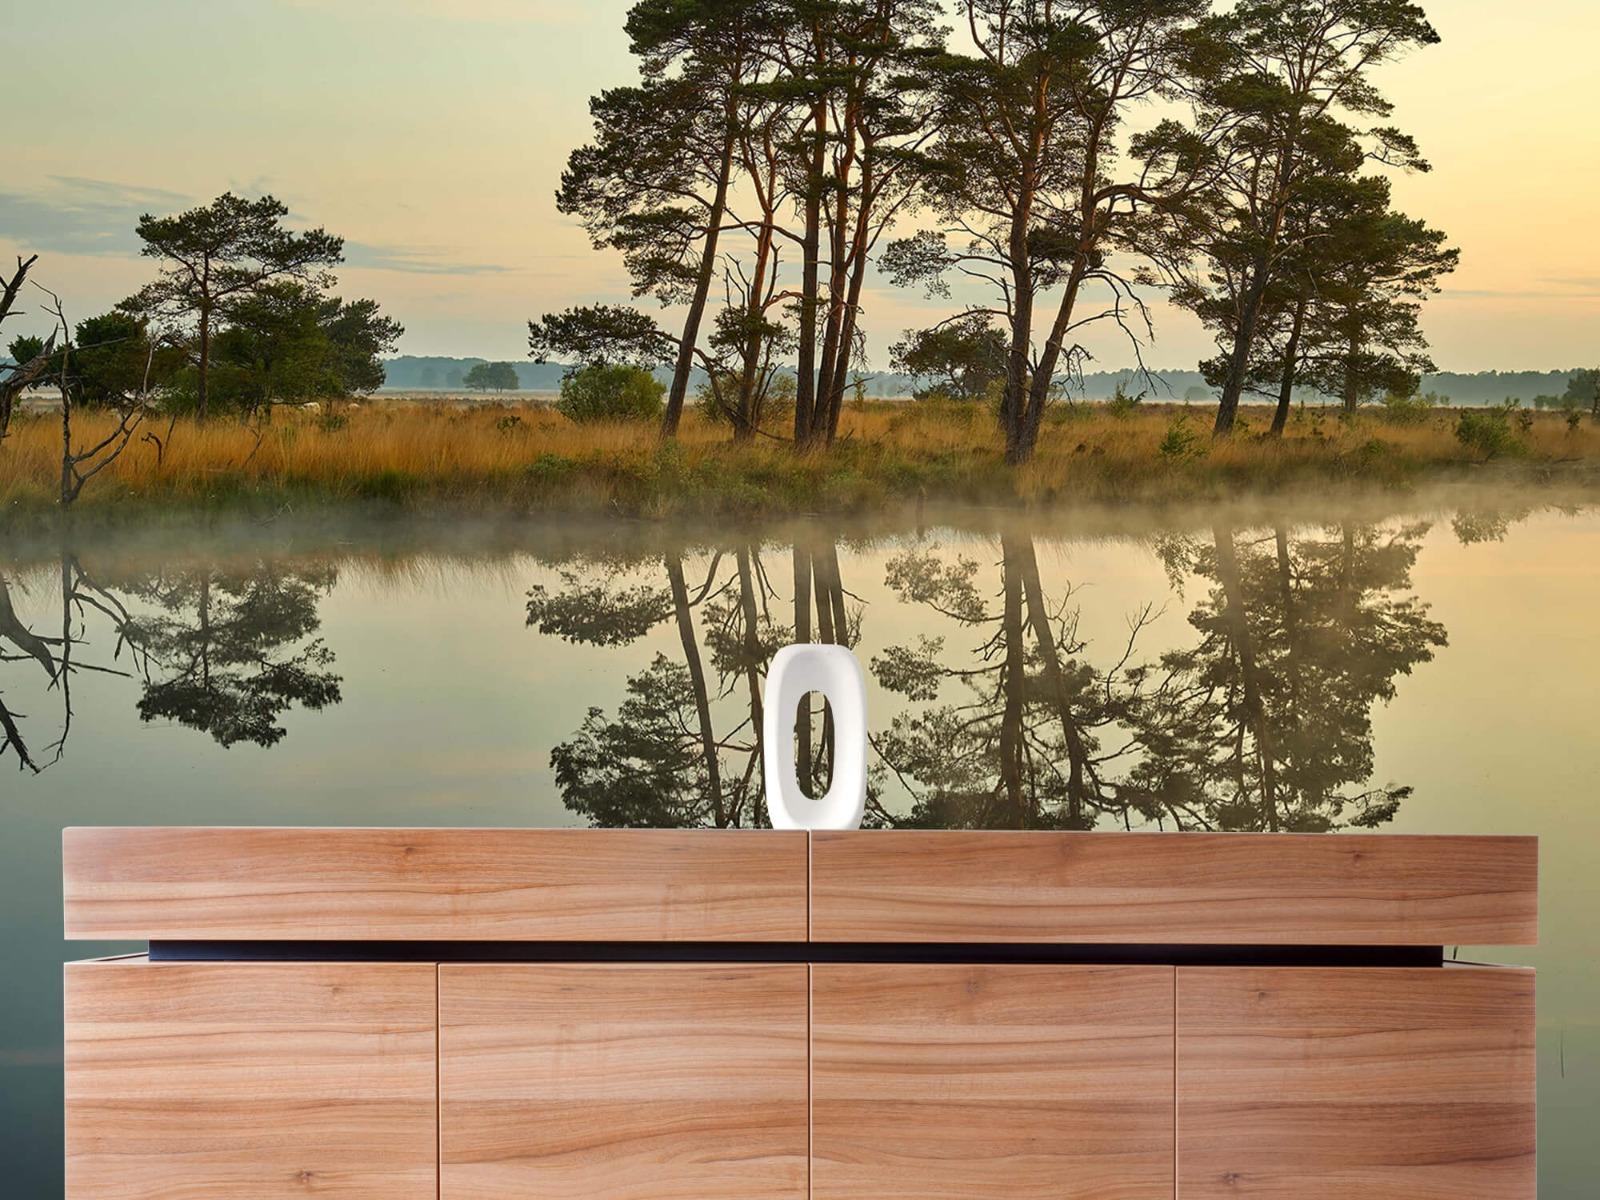 Natuur - Reflectie in bosven 20